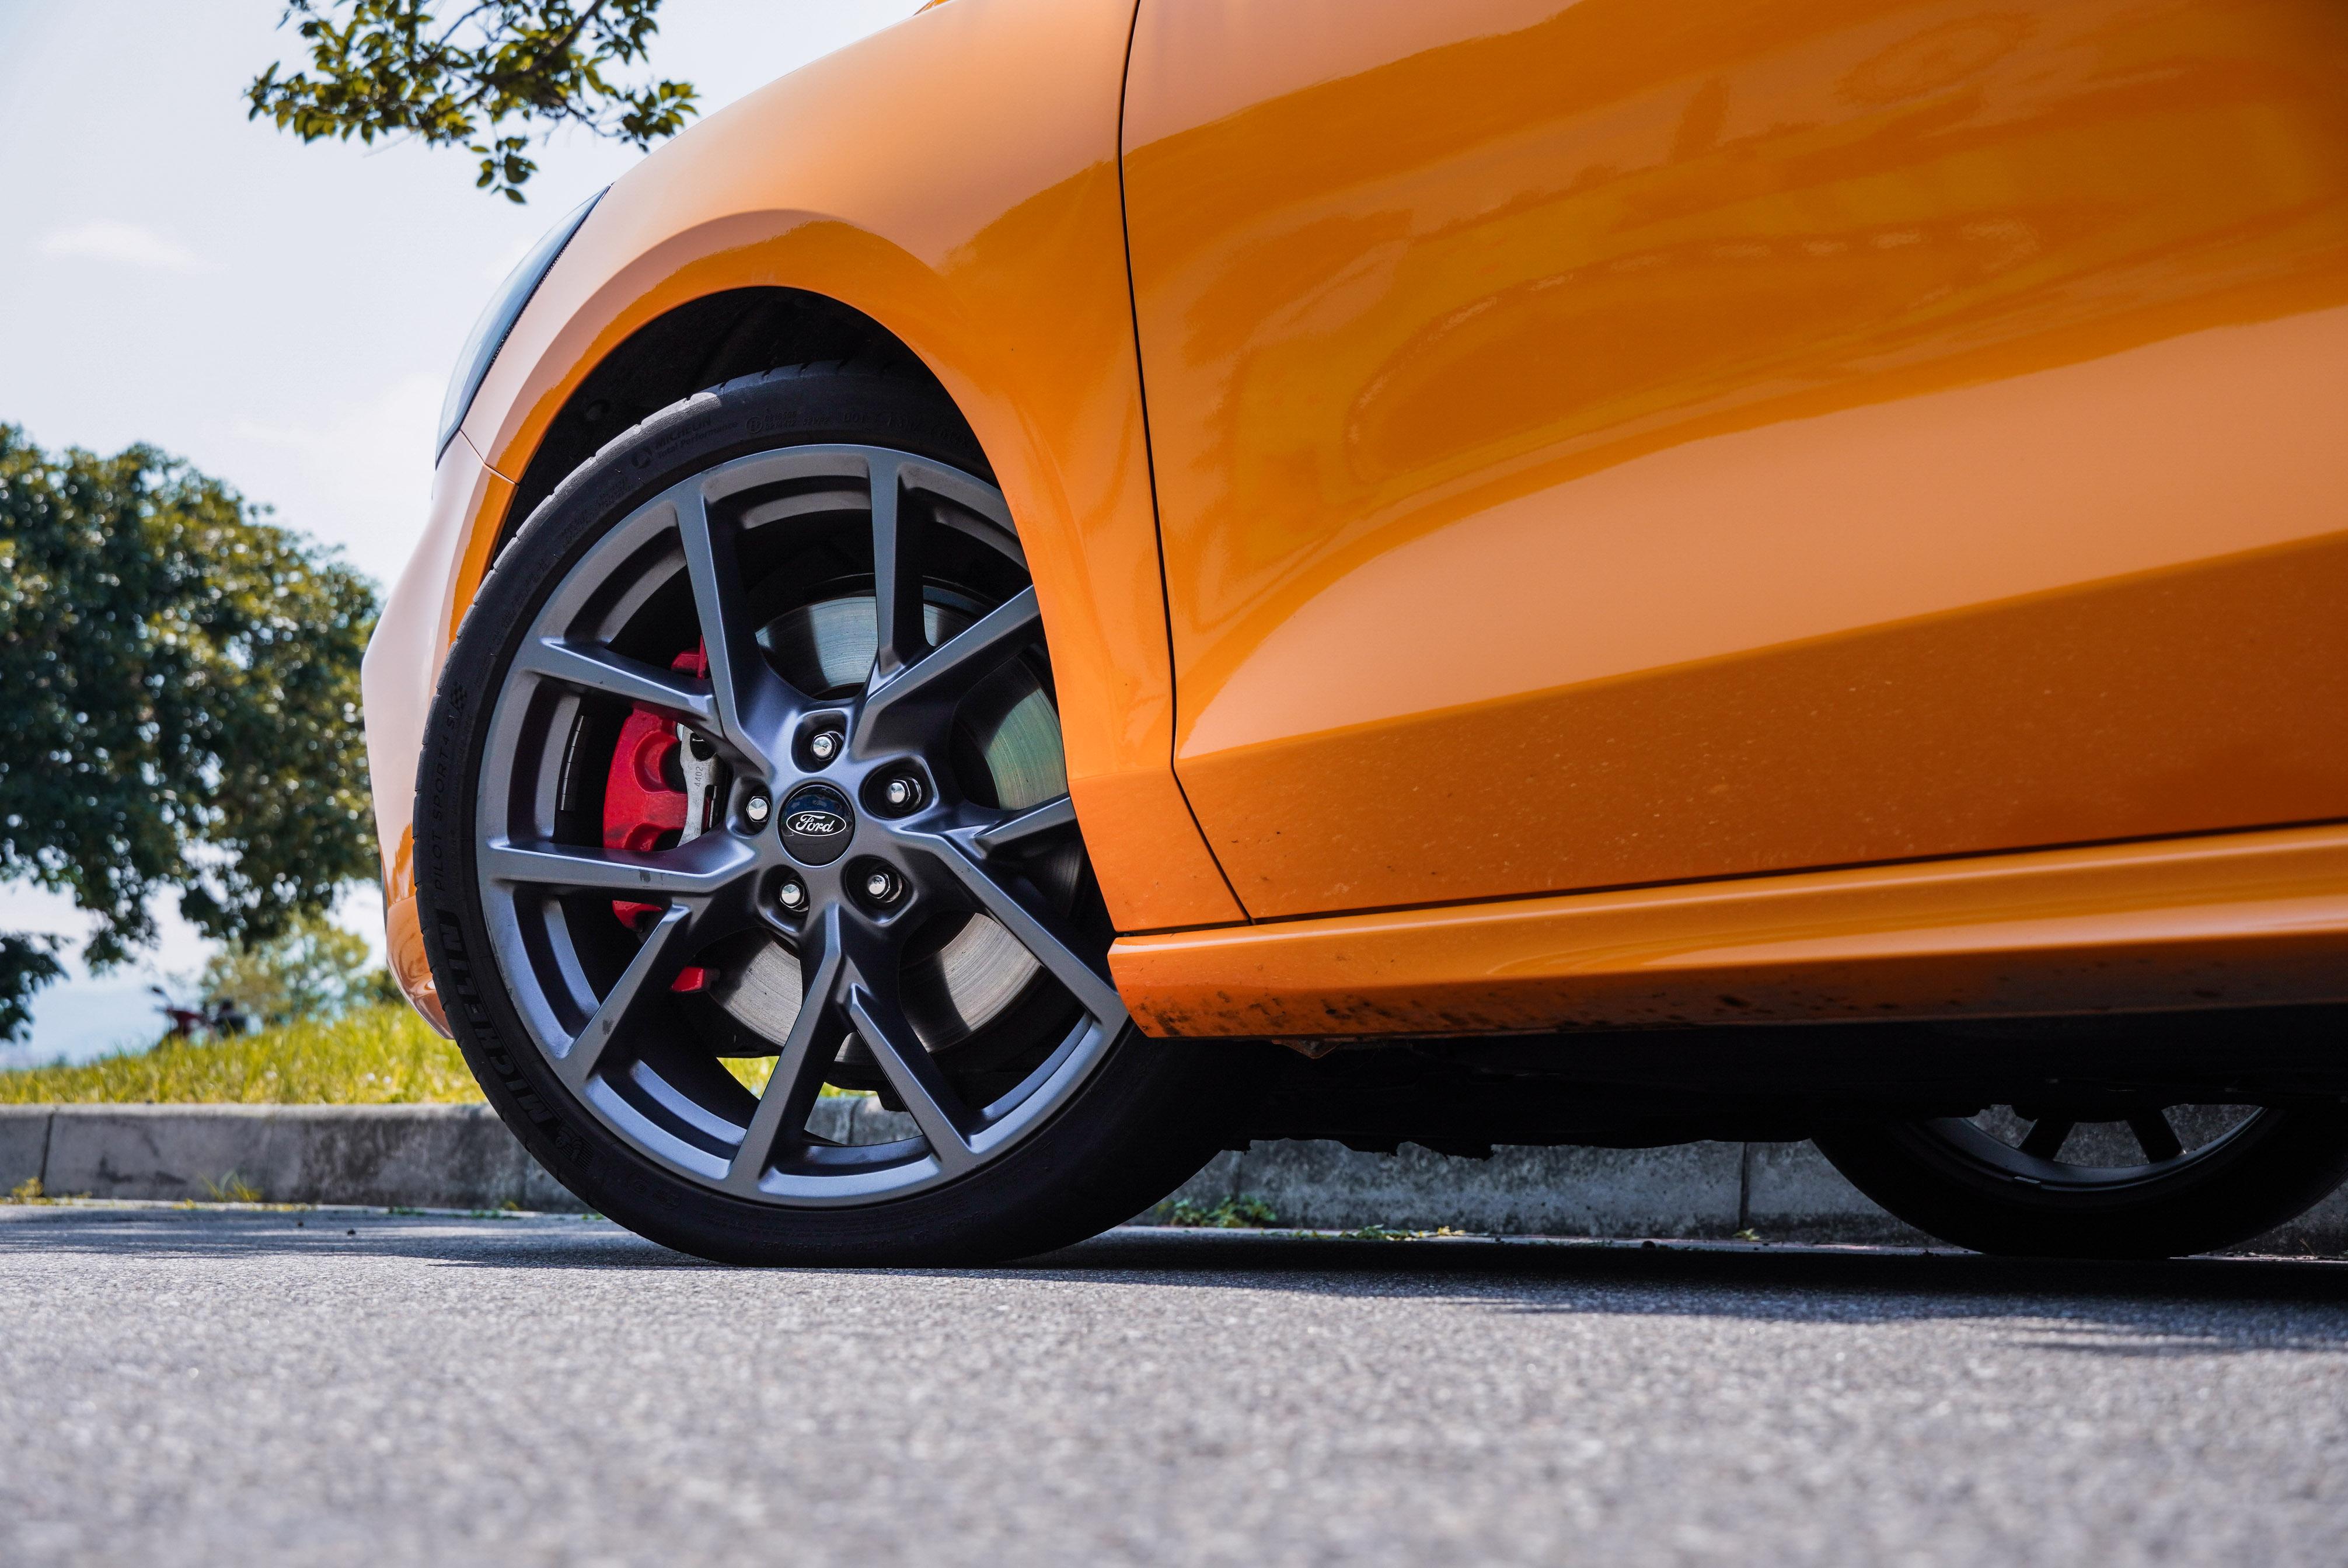 19 吋輪圈、Michelin Pilot Sport 4S 高性能跑胎、ST 專屬賽道級煞車系統皆為標準配備。